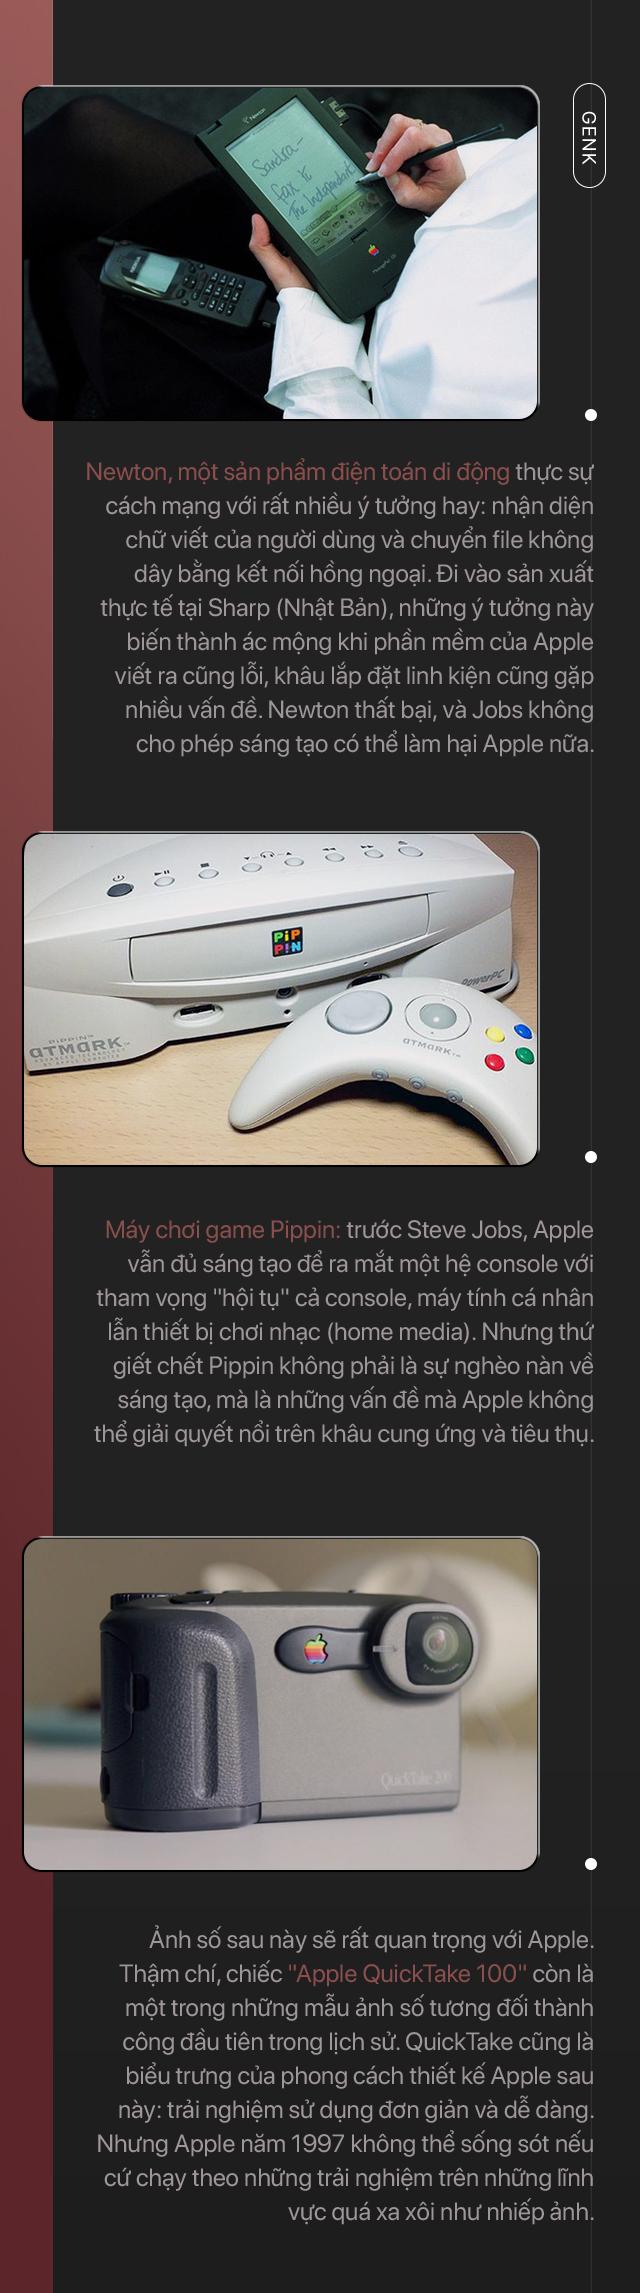 Nạn nhân mới nhất trong nghĩa địa sáng tạo của Apple - Ảnh 2.